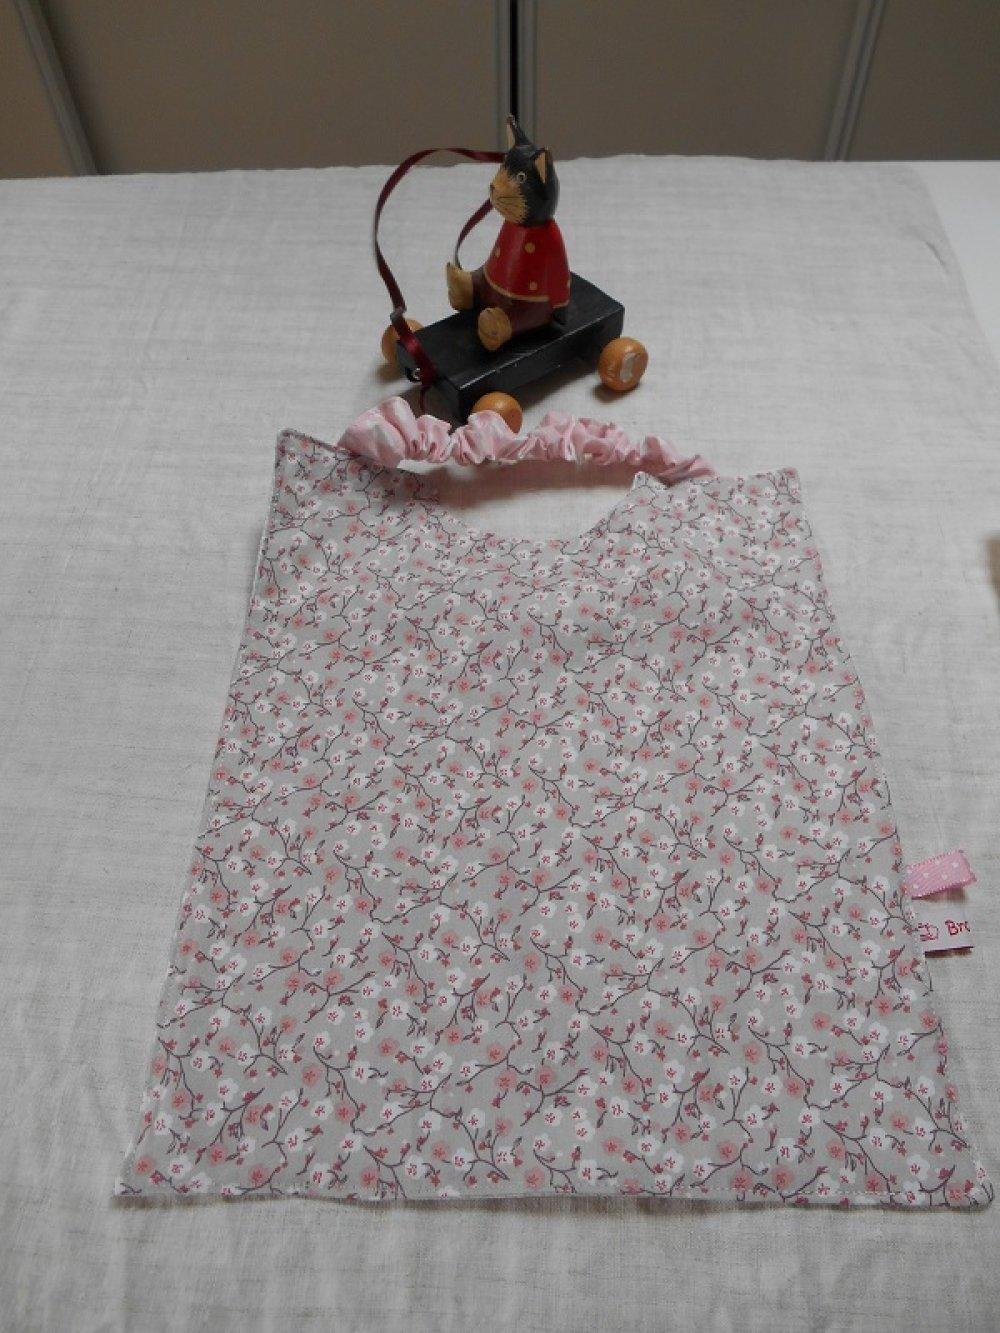 Serviette à élastique imprimée de fleurs de cerisier, fond gris léger